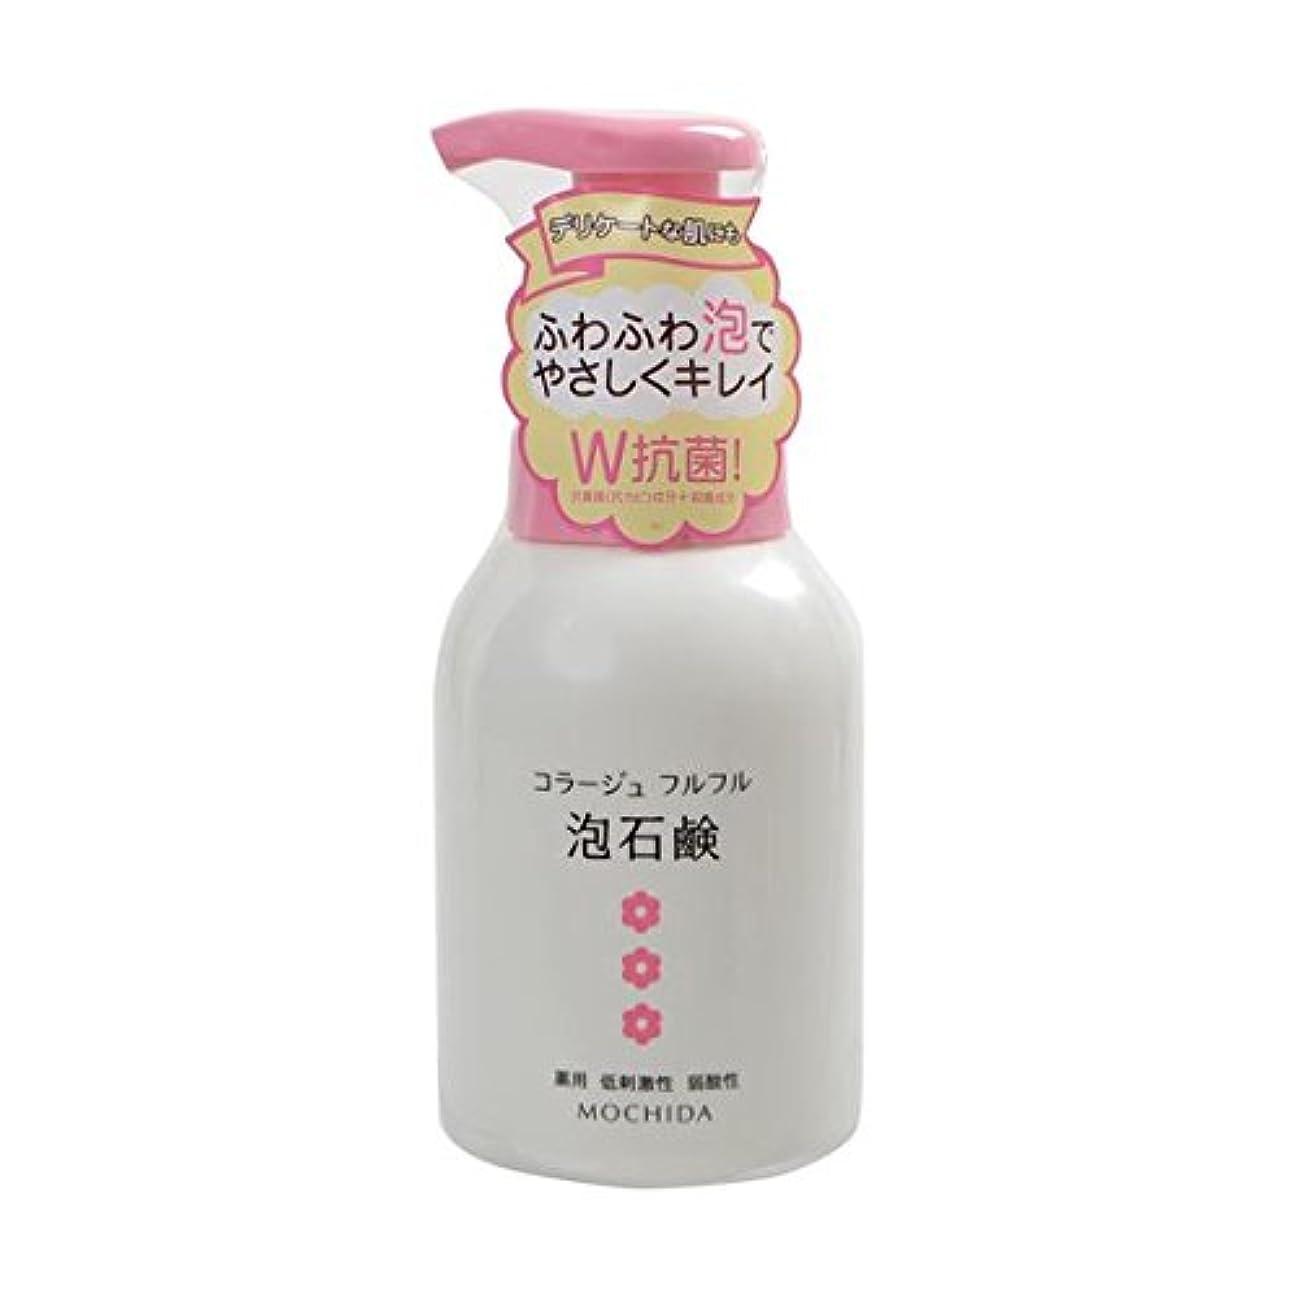 平均無効孤独な【まとめ買い】コラージュフルフル 泡石鹸 ピンク 300mL×3個セット(医薬部外品)